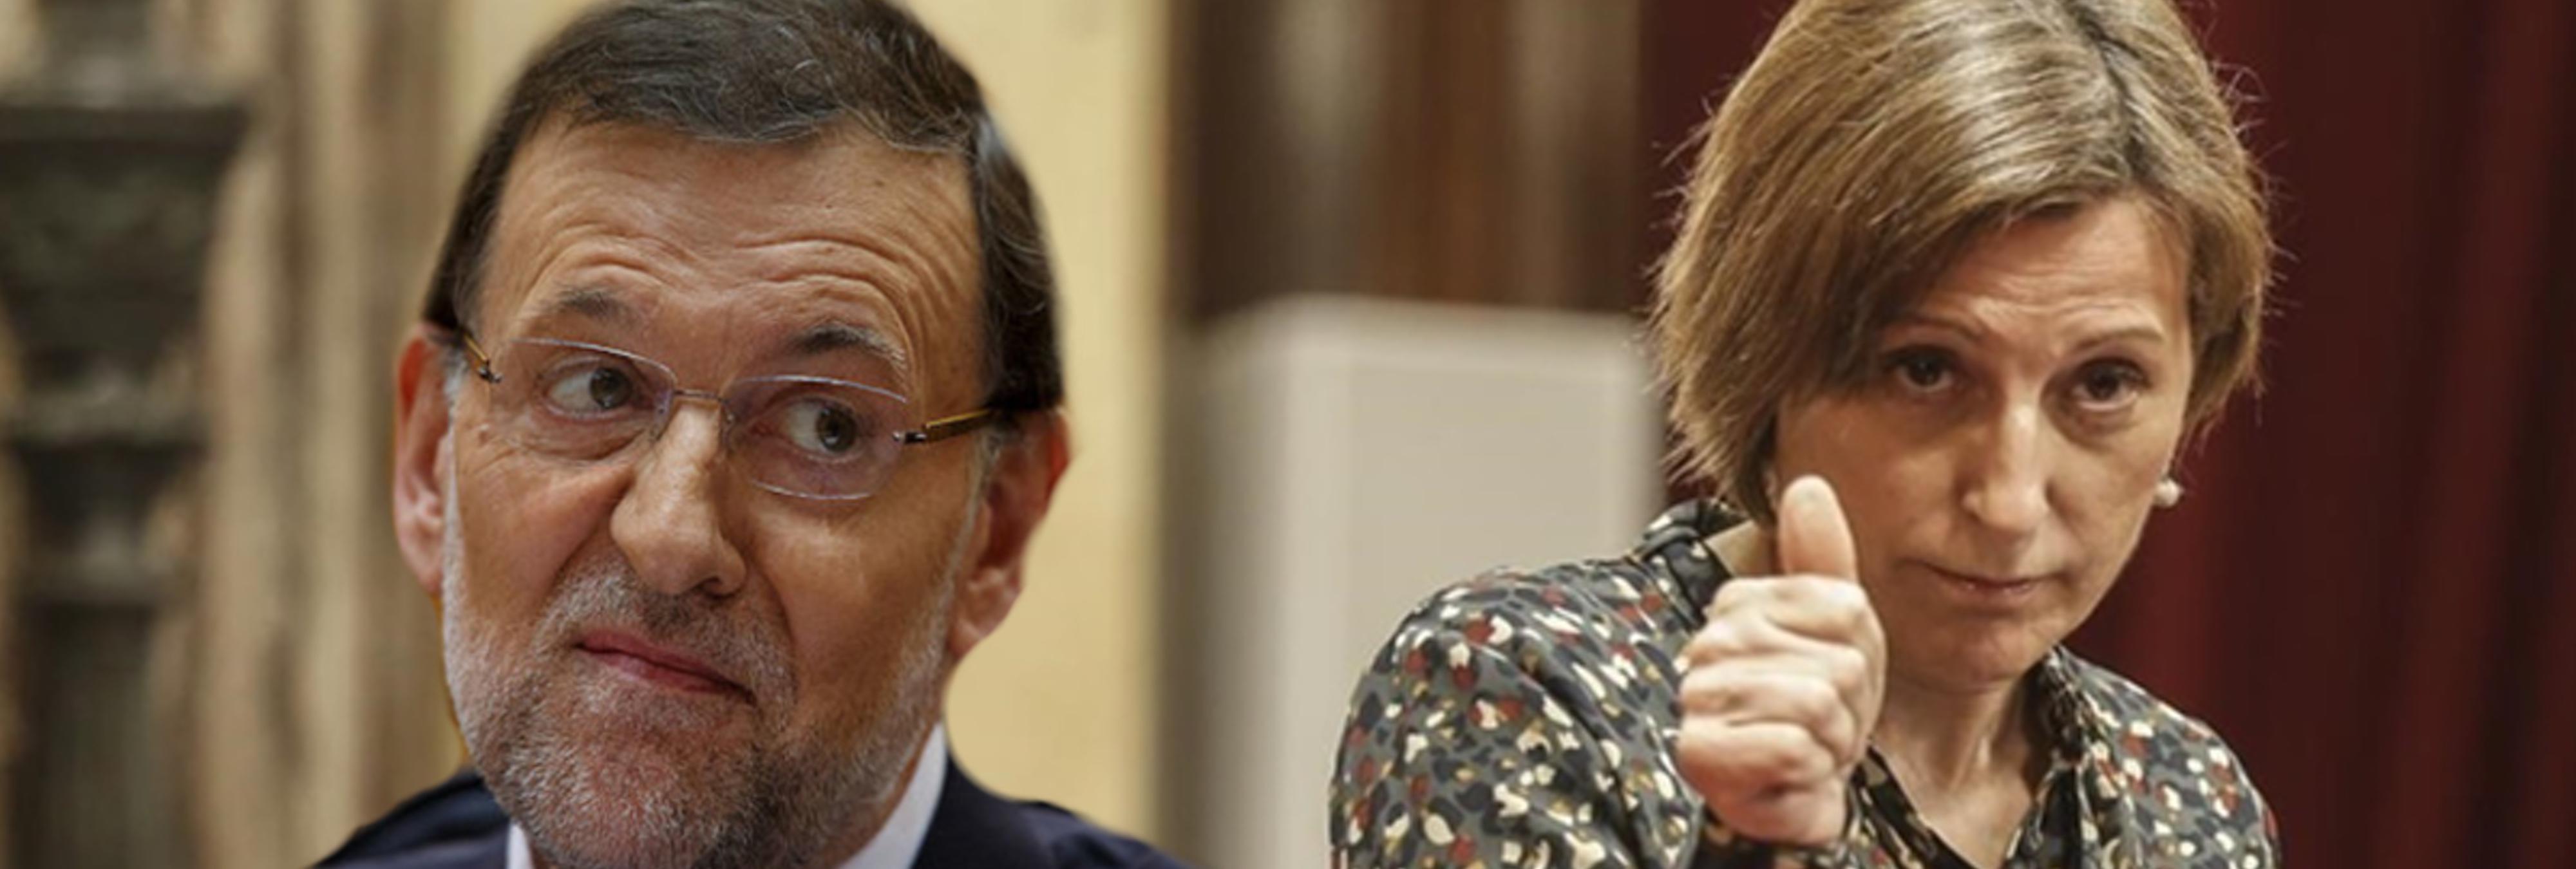 Forcadell cobrará una pensión de 6.235 euros porque Rajoy no la destituyó un día antes